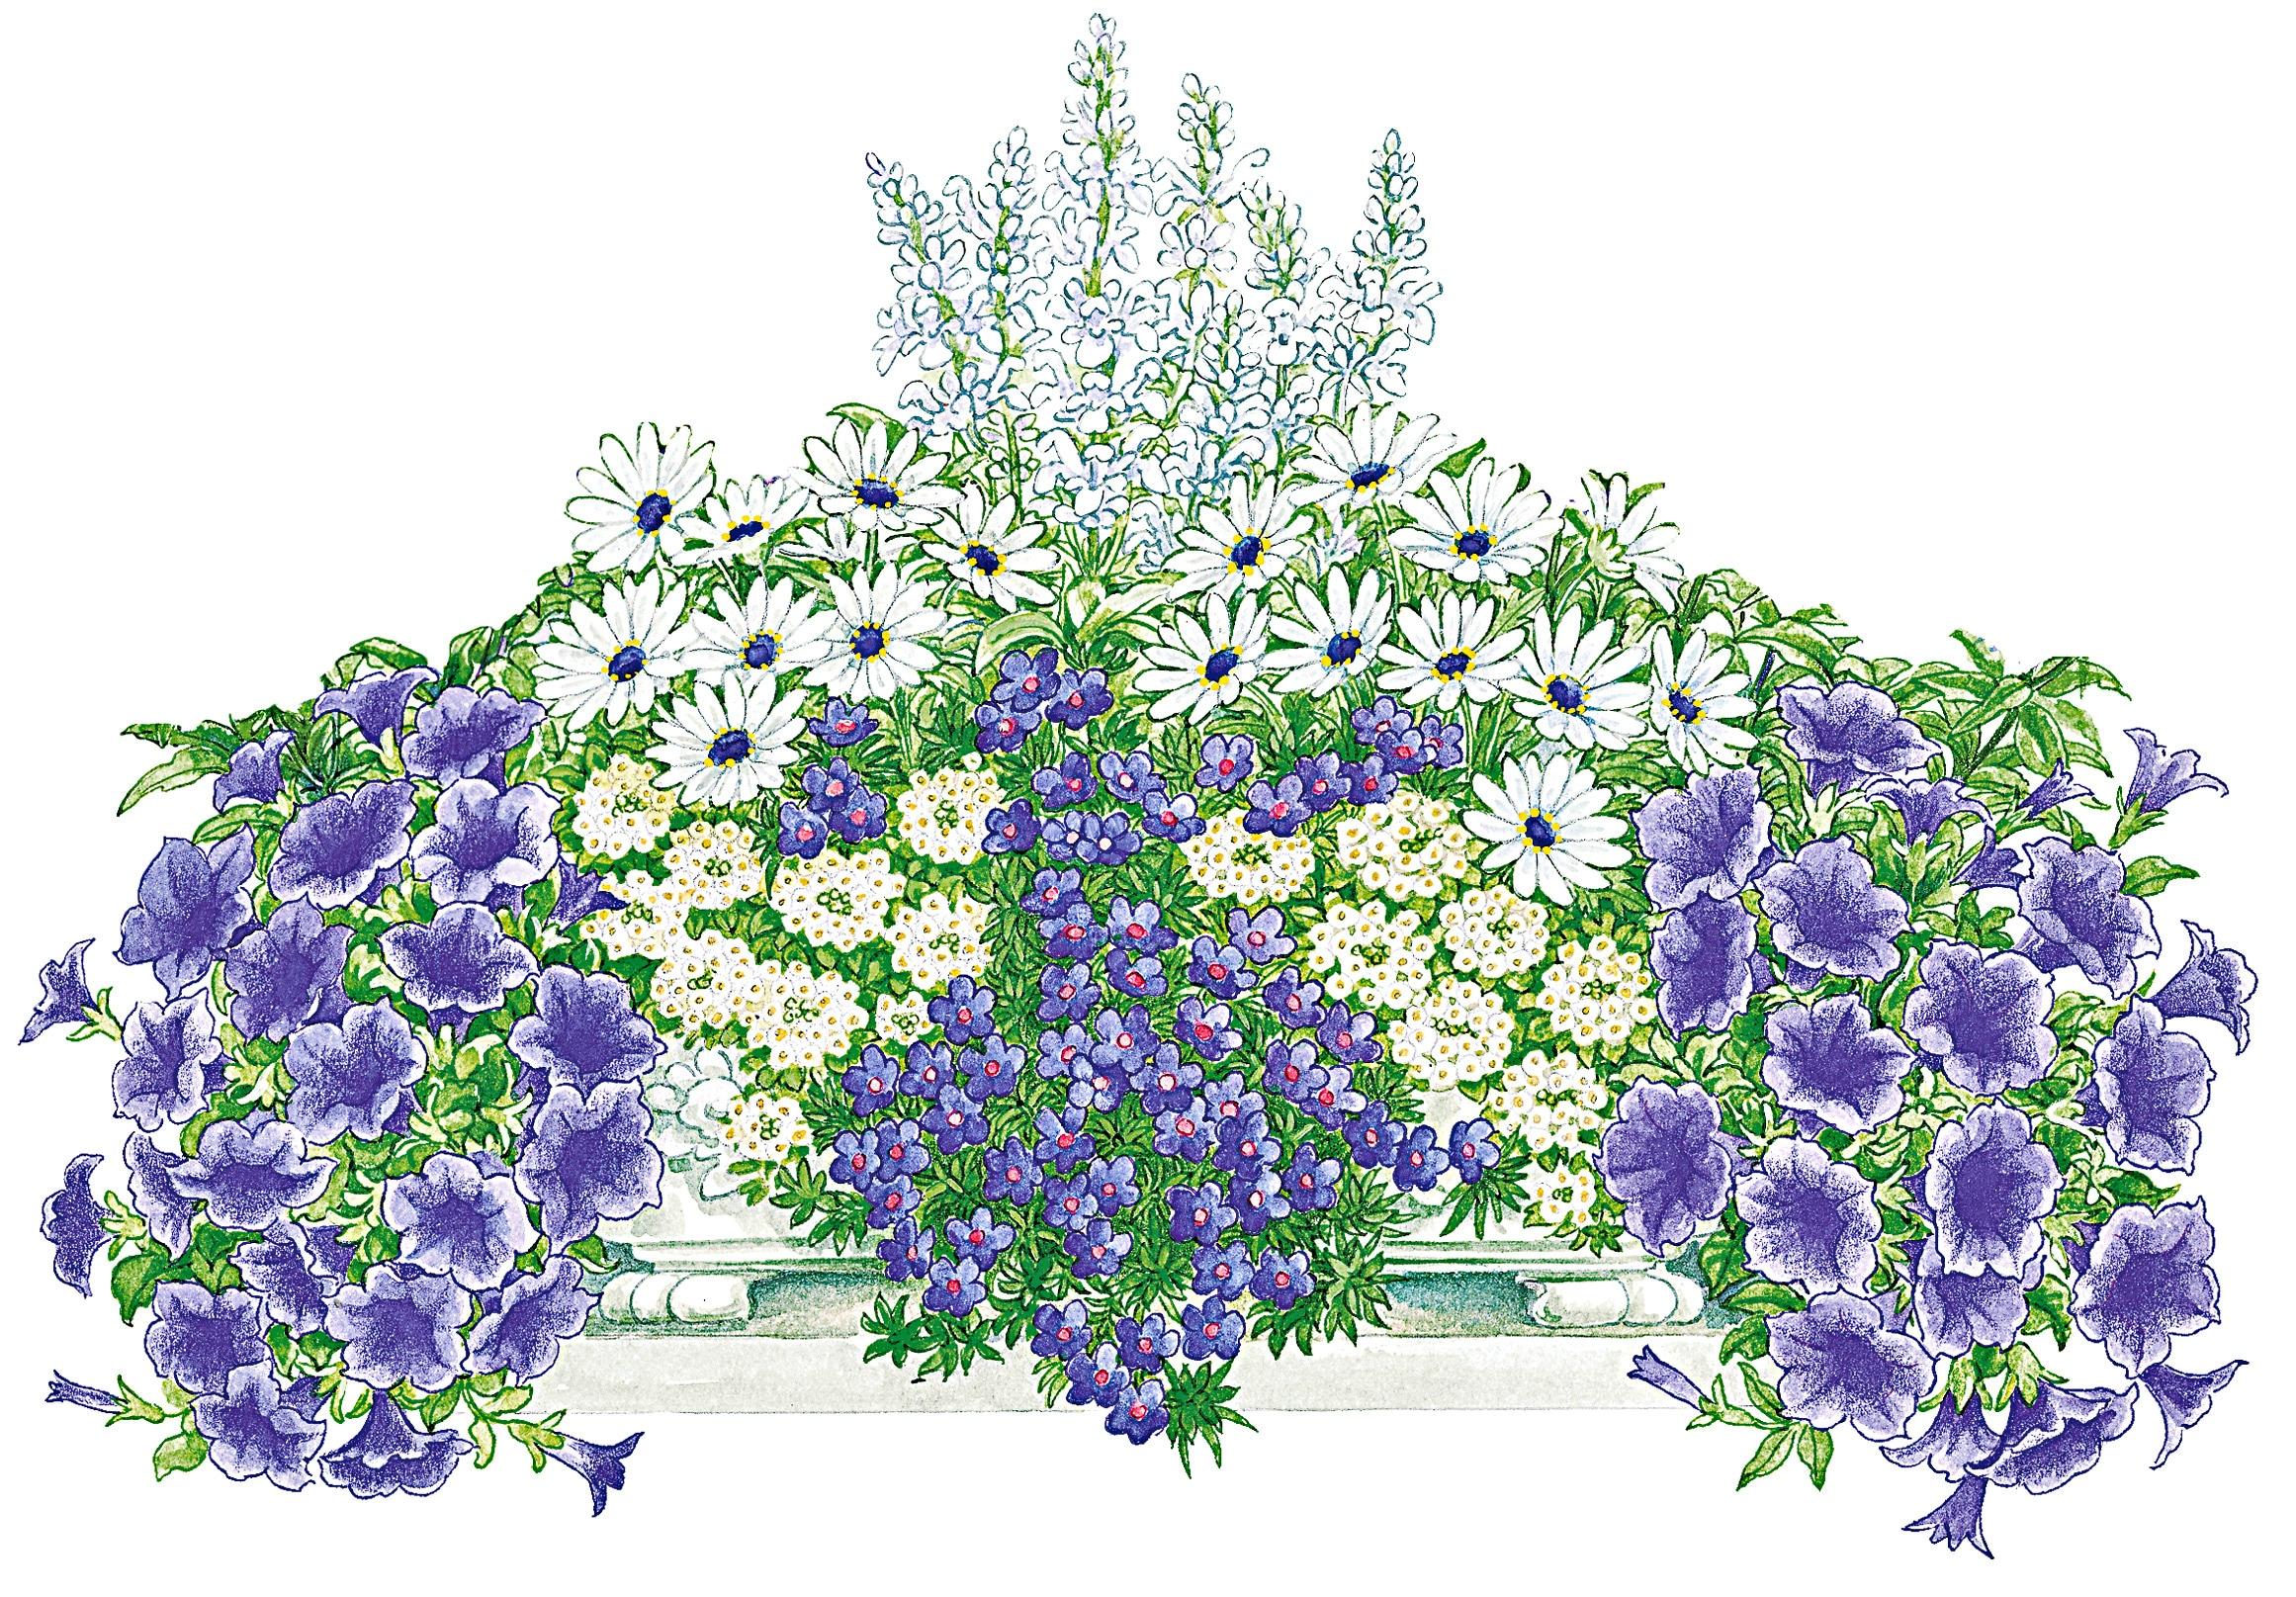 BCM Balkonpflanze Blau-Weißer Traum, 16 Pflanzen bunt Balkonpflanzen Garten Balkon